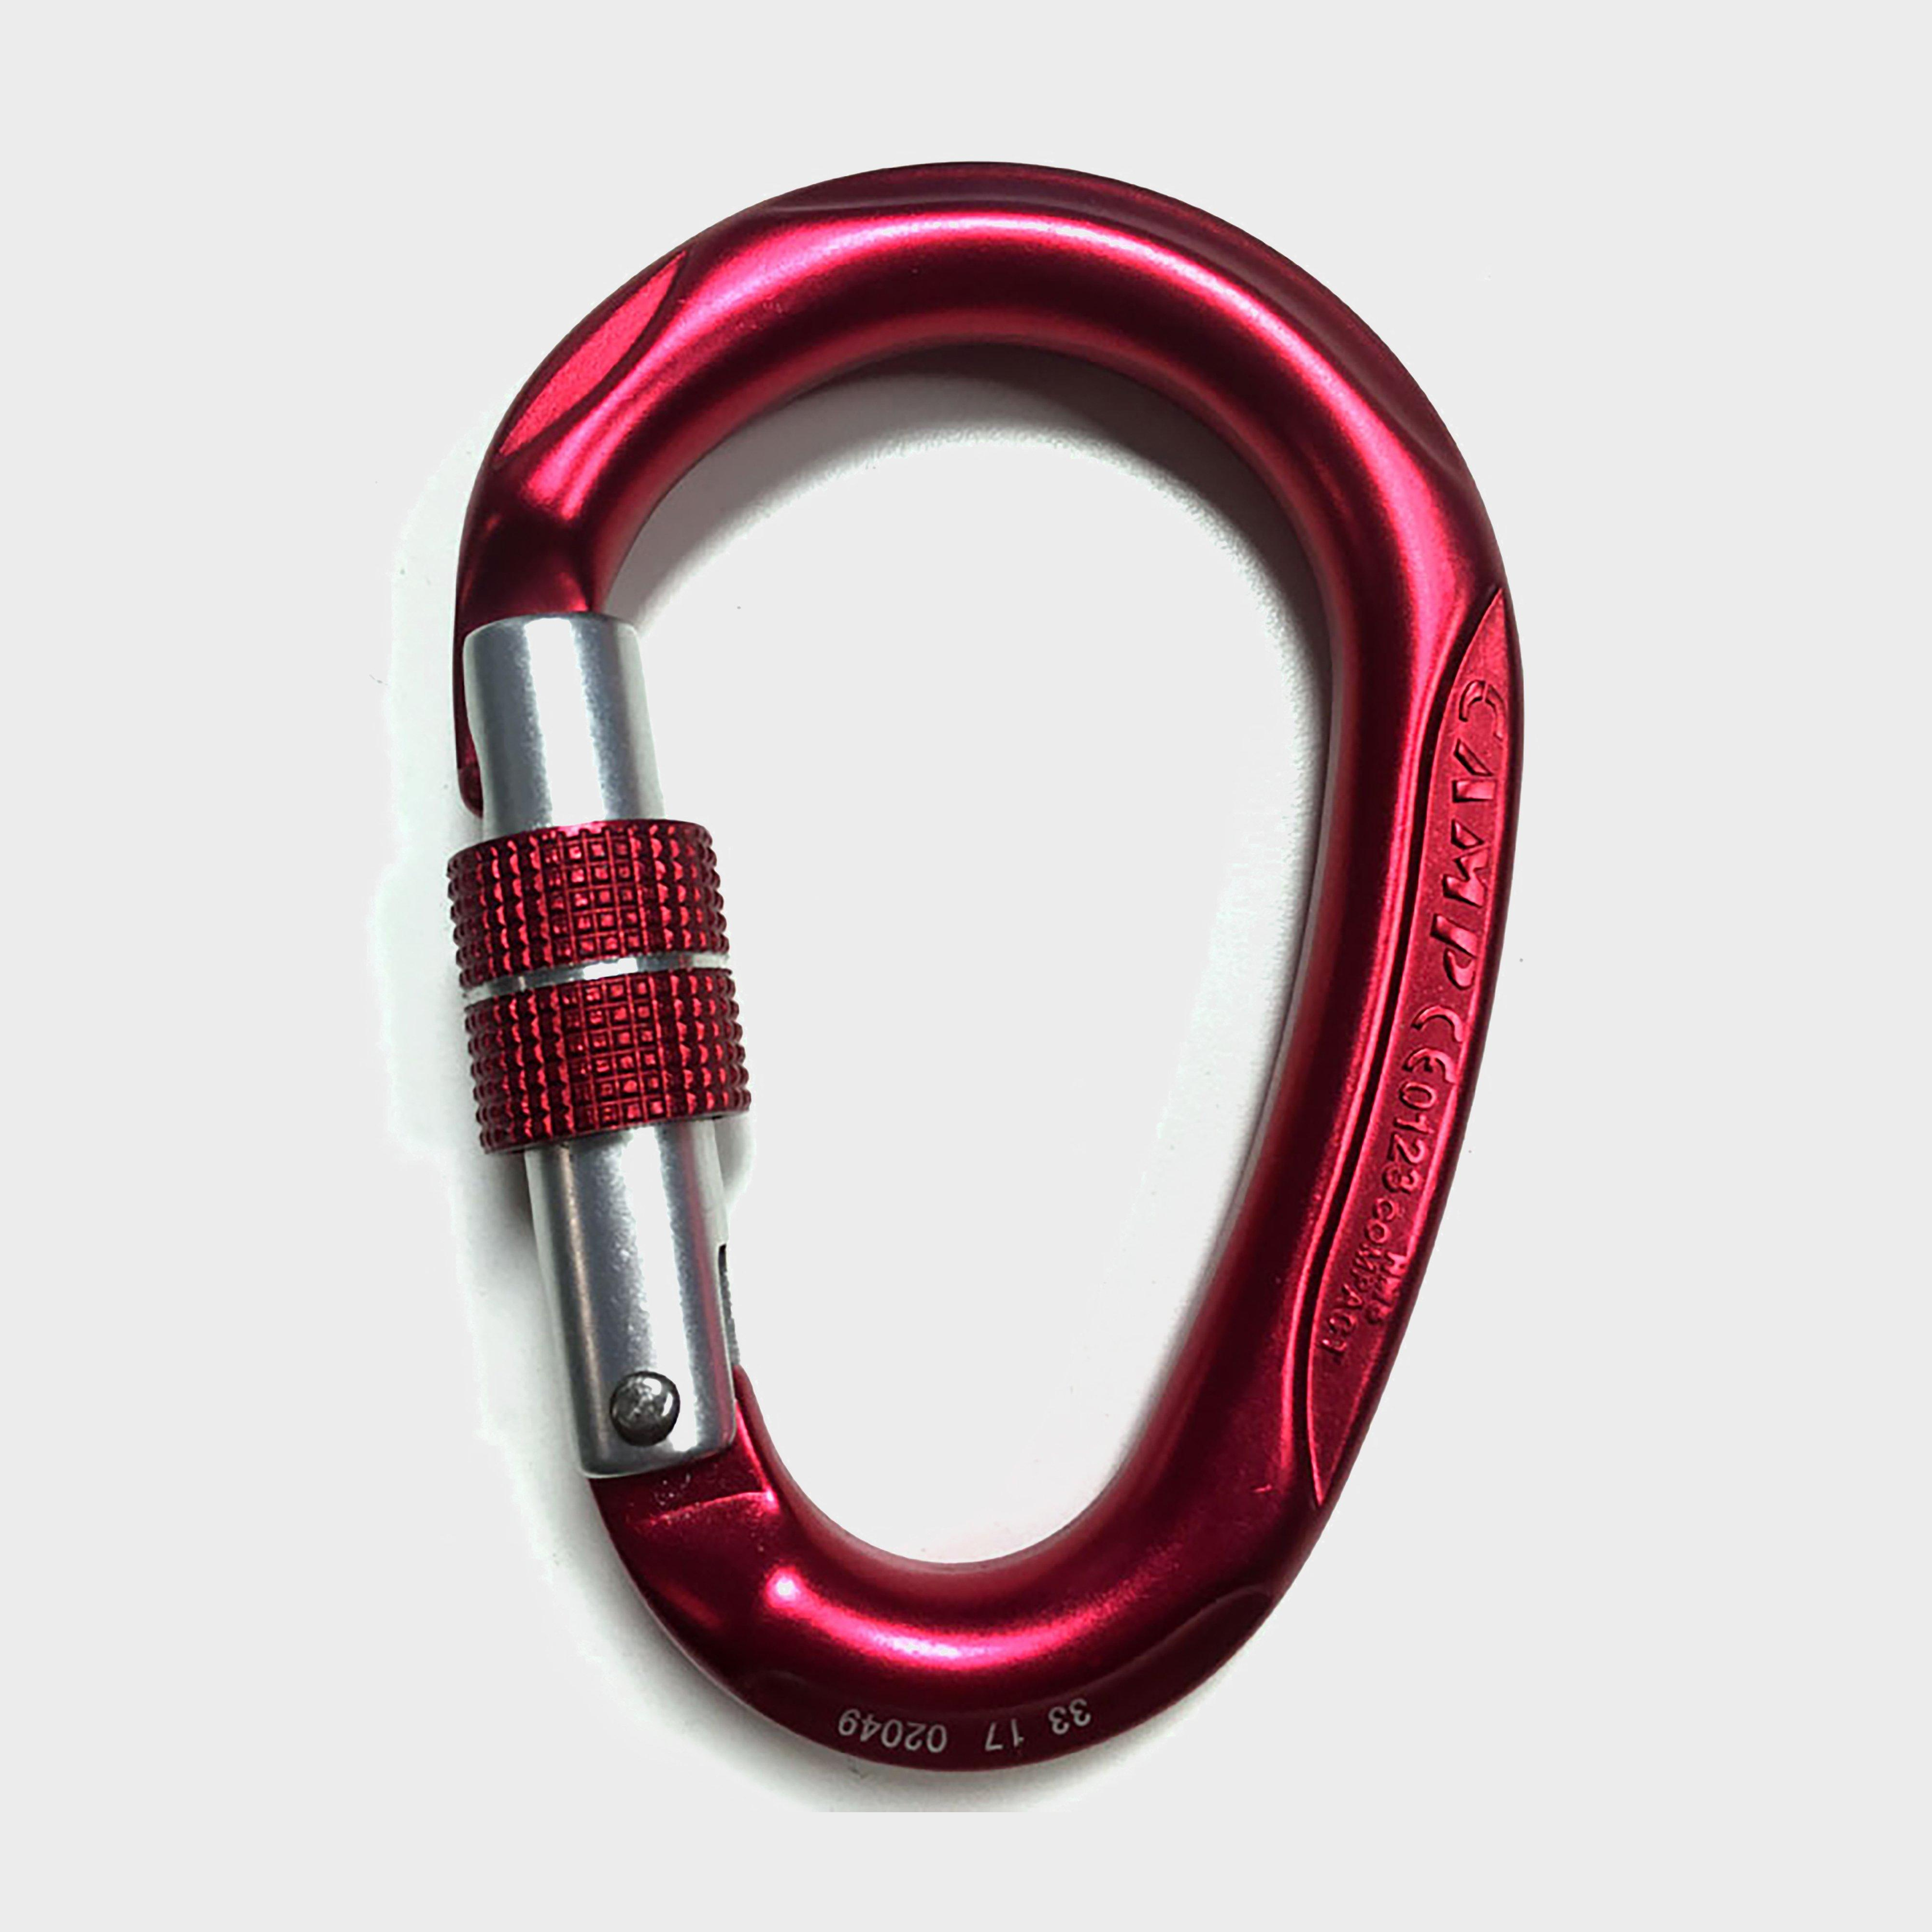 Camp Hms Compact Lock Carabiner - Red/screwgate  Red/screwgate